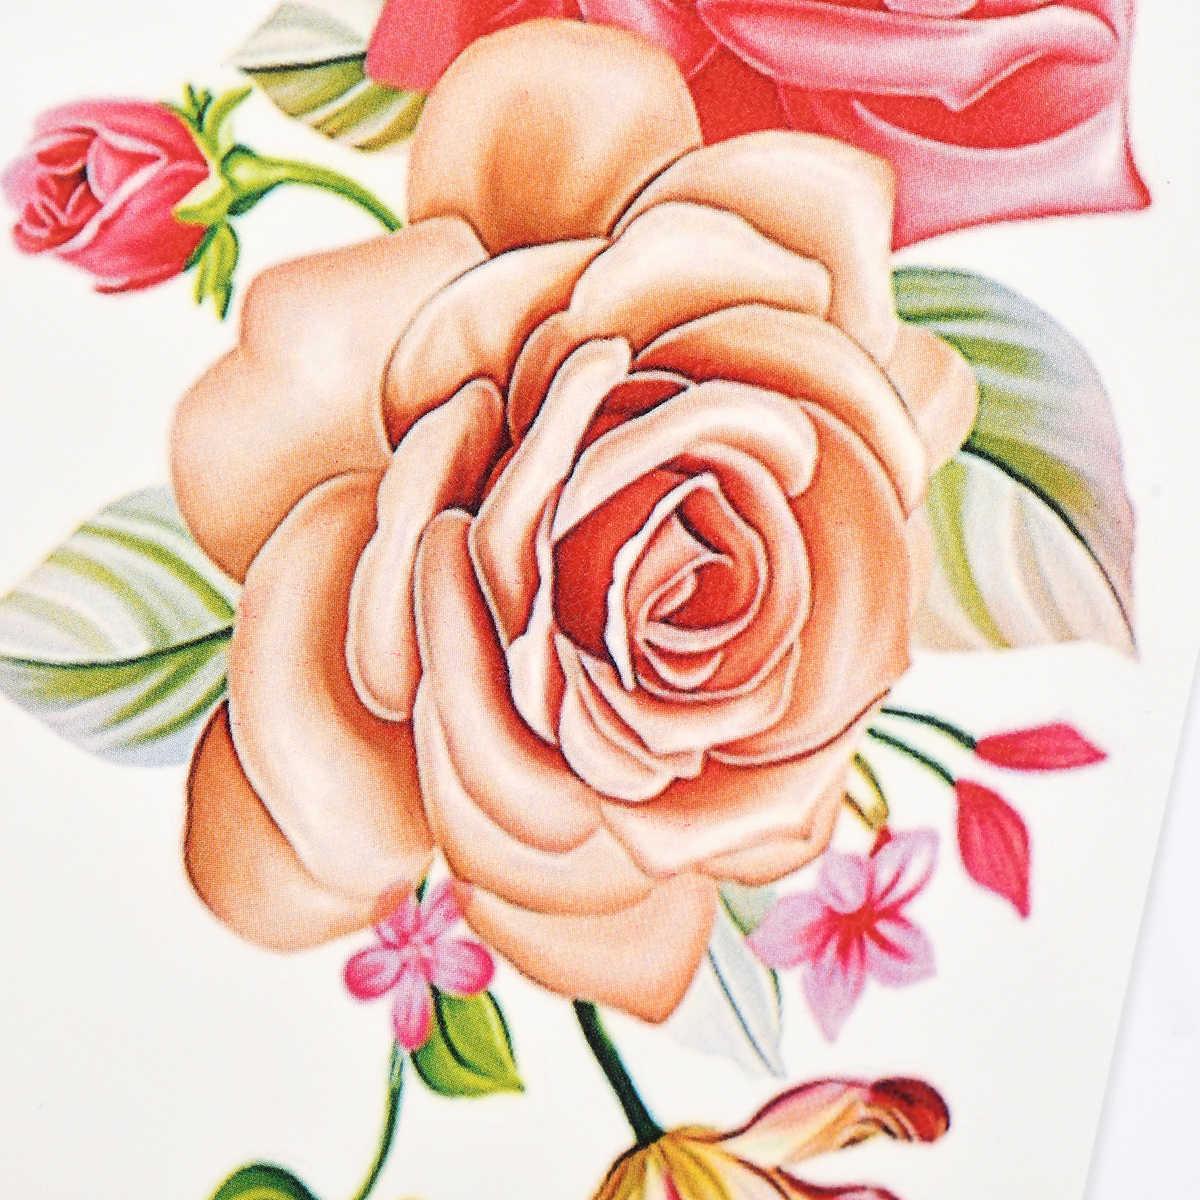 1 قطعة حجم كبير روز الزهور المؤقتة الوشم ملصقات مثير النساء الذراع الكتف الجسم للماء فلاش لصاقات وشم